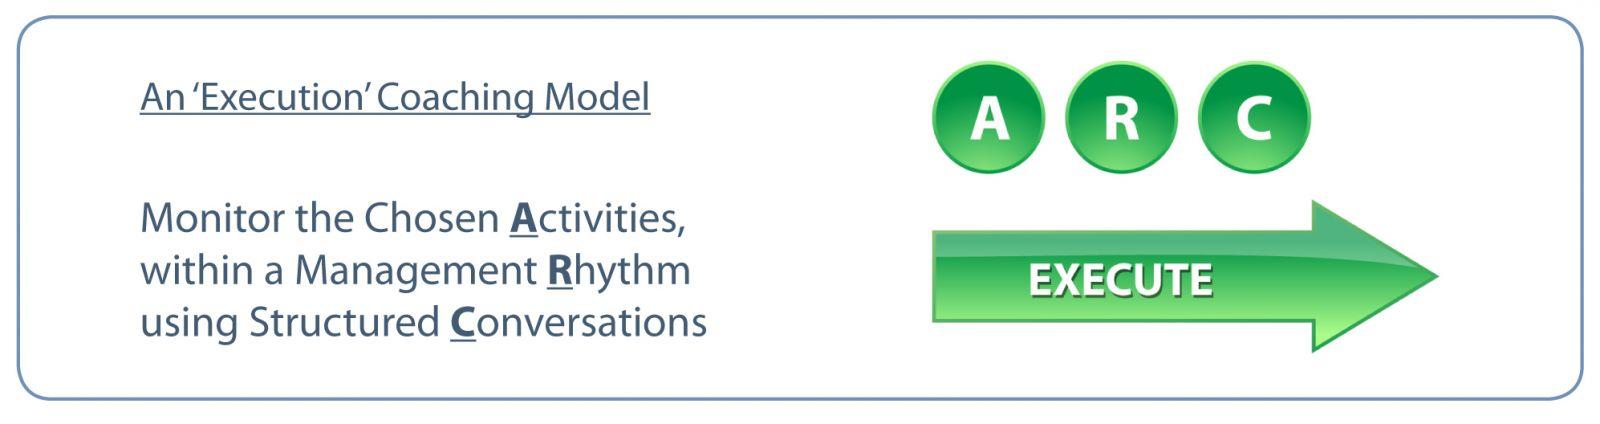 An Execution Coaching Model